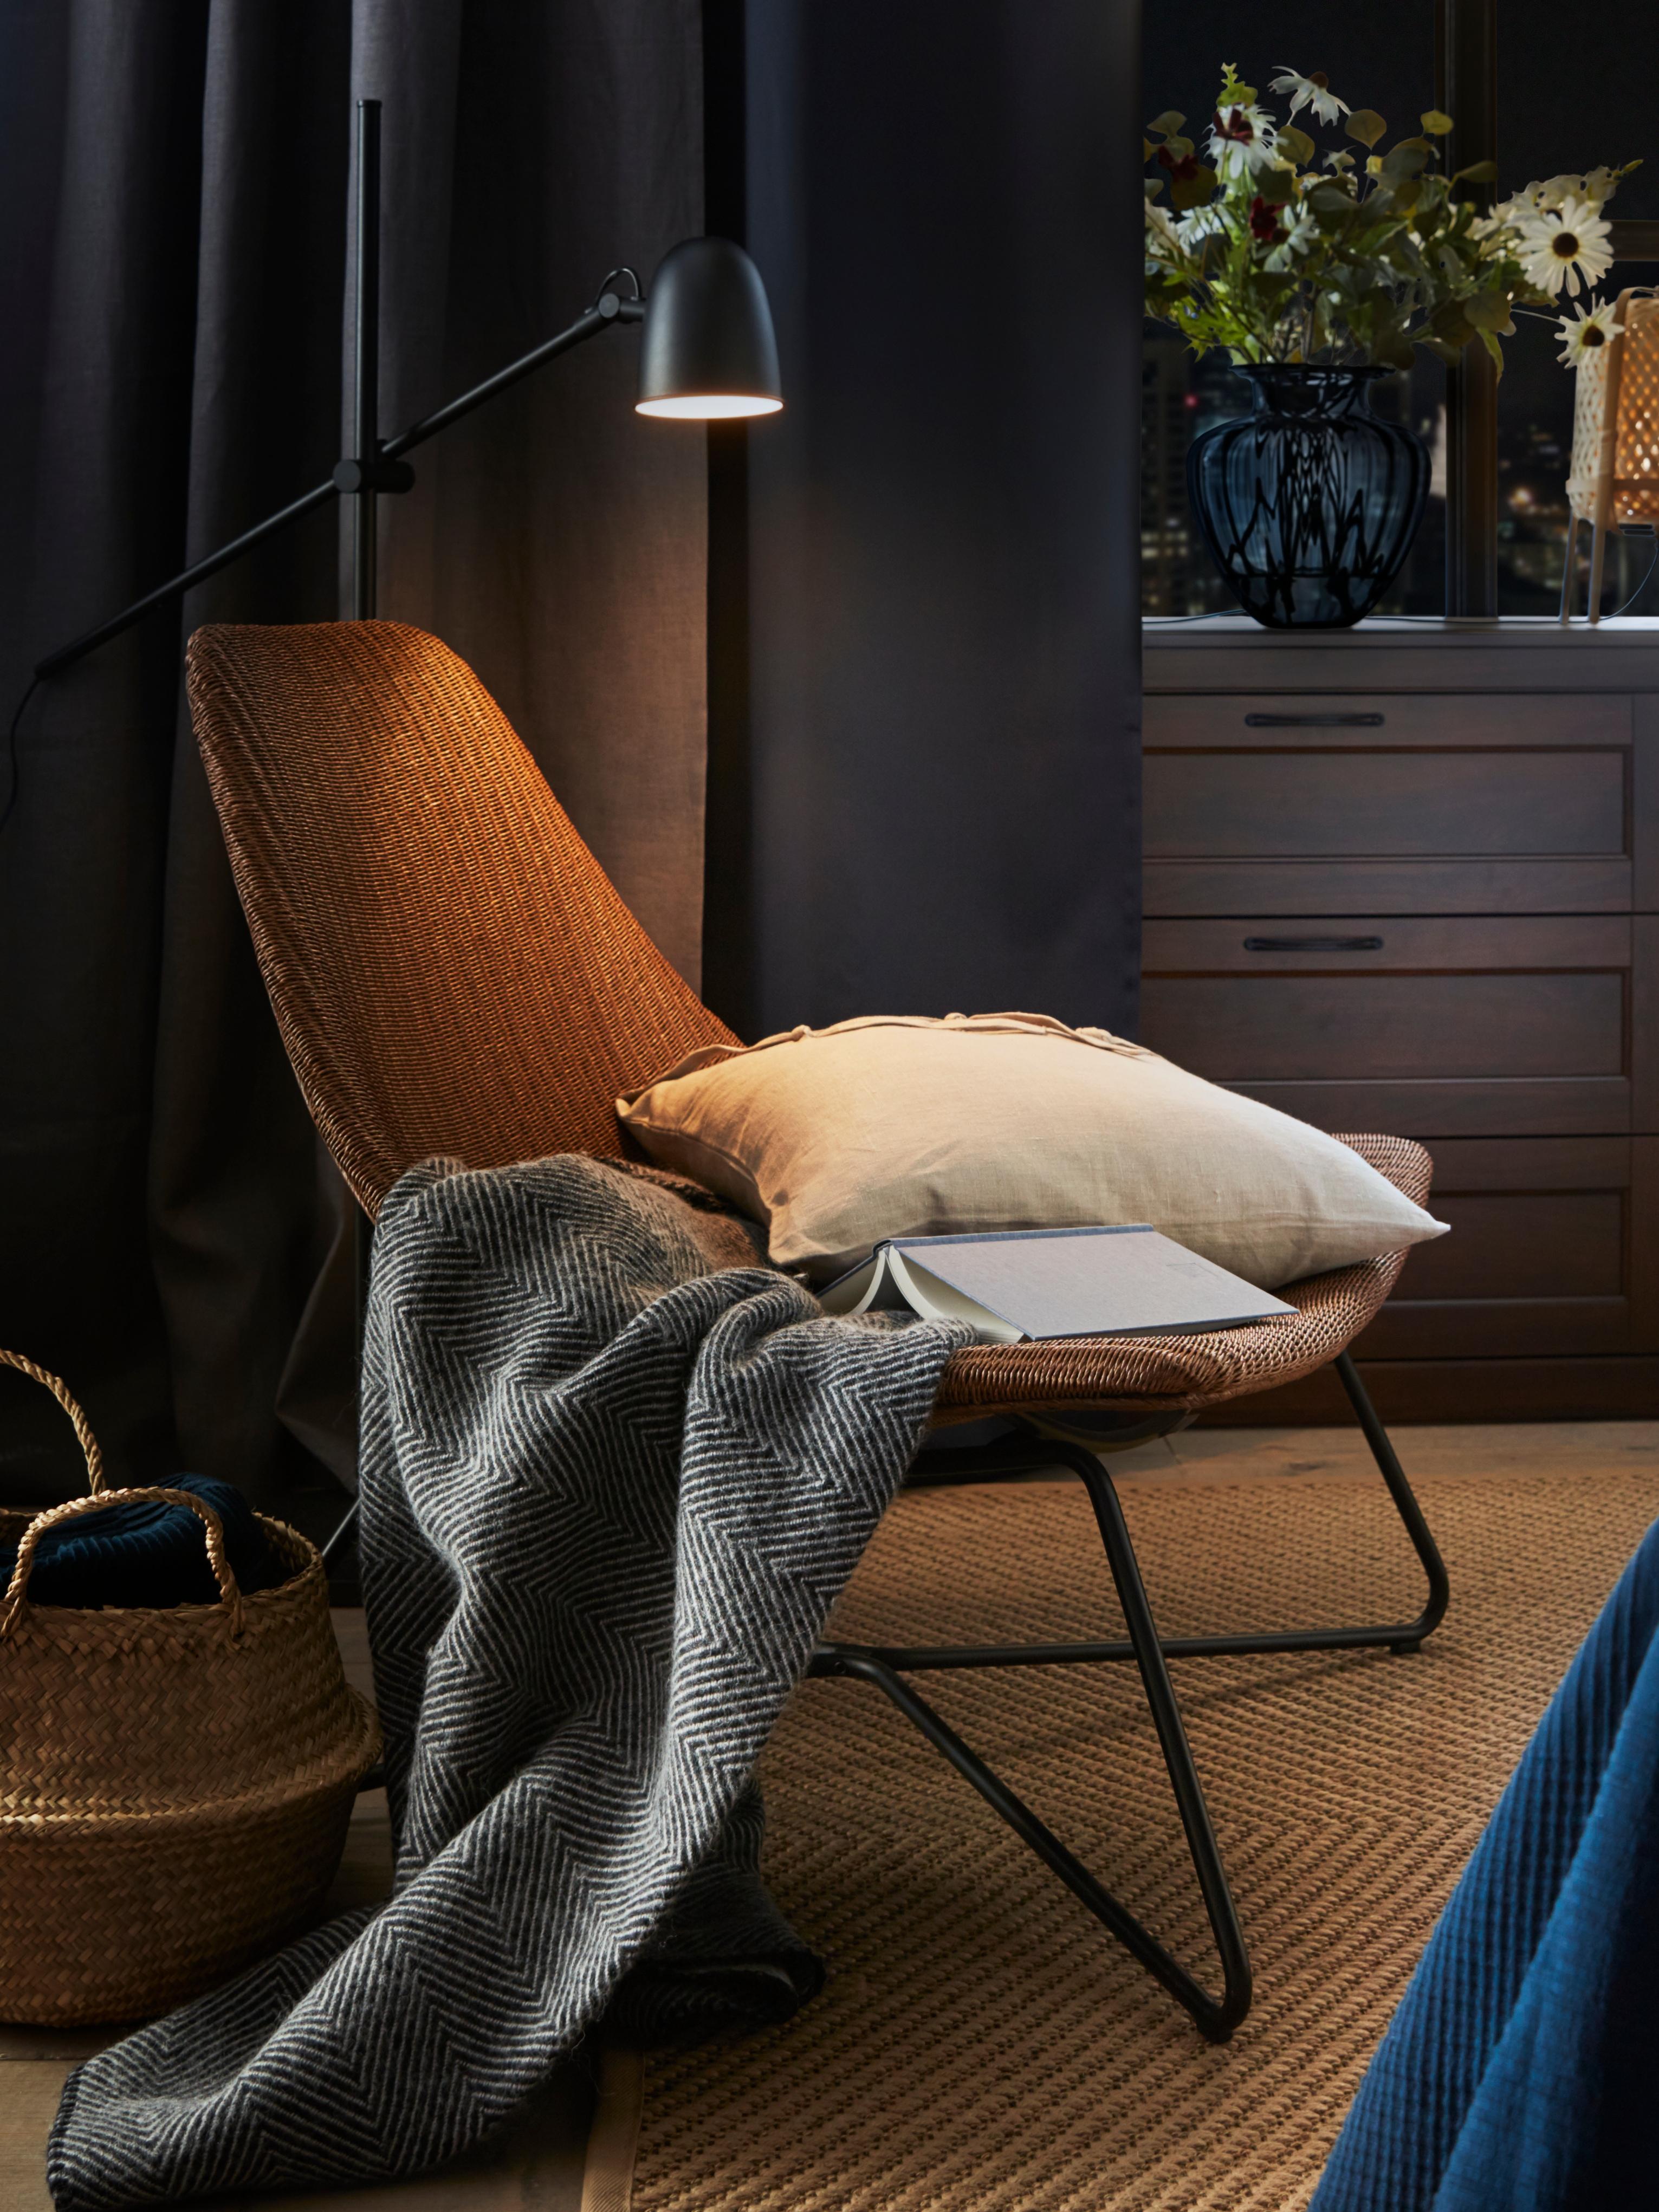 Tamnosmeđa/crna RÅDVIKEN fotelja koja ima sjedalo od prirodnih vlakana i čelični okvir, na njoj je knjiga, jastuk i lagana deka.